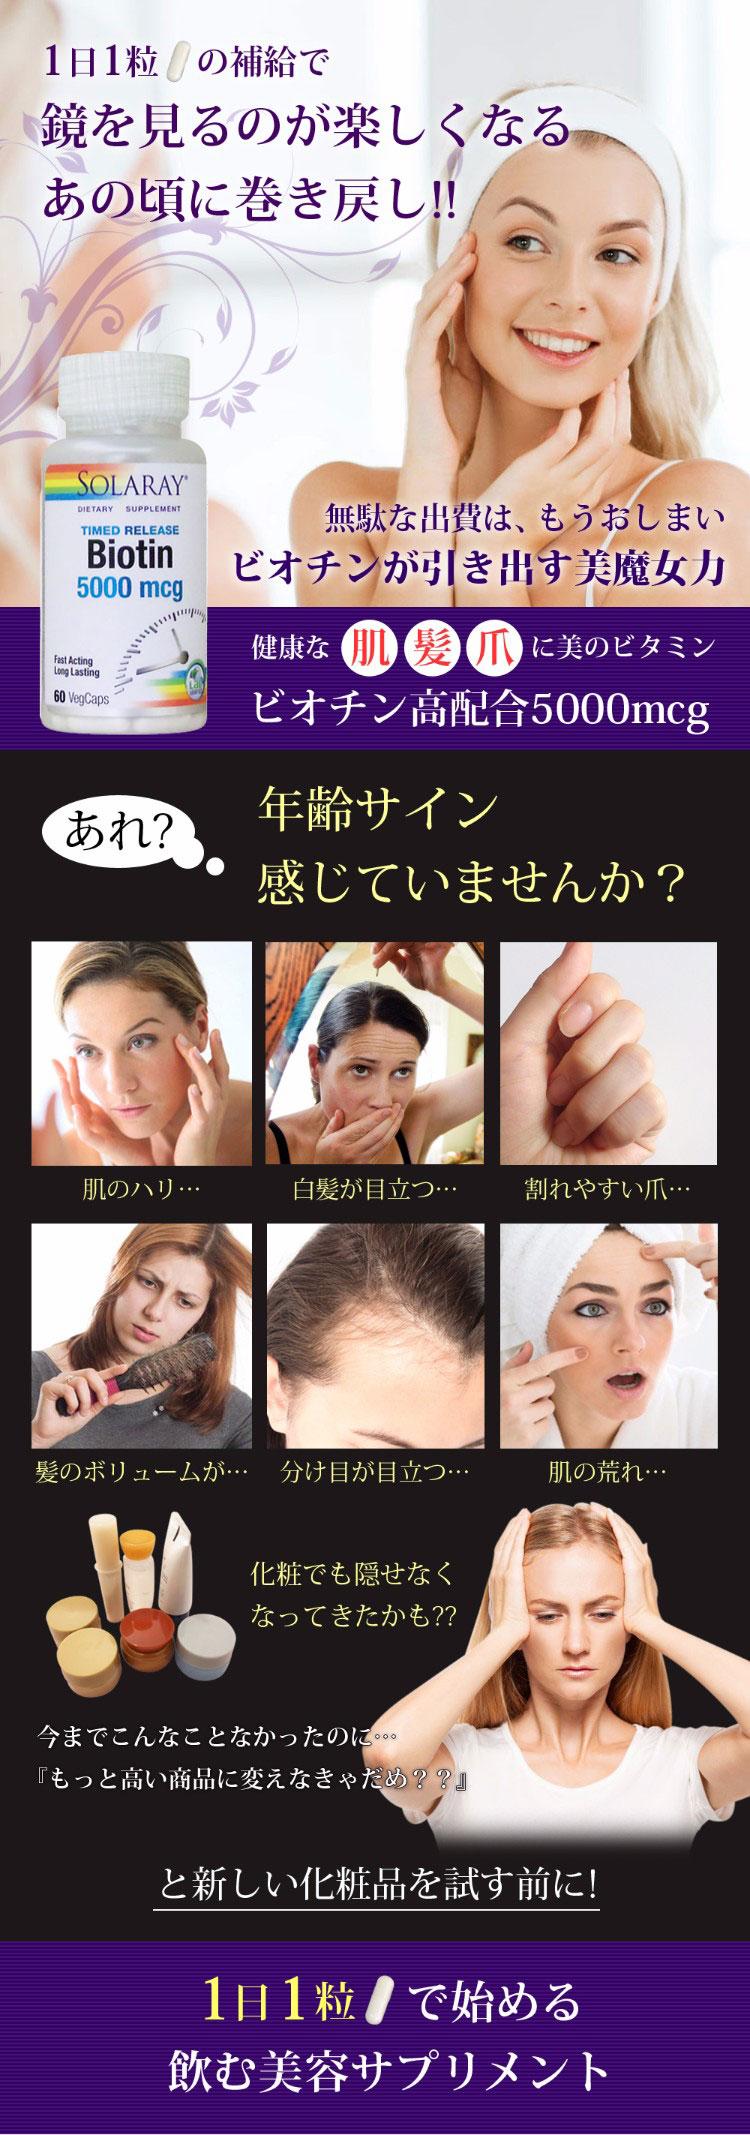 健康な肌、髪、爪に美のビタミン「ビオチン」